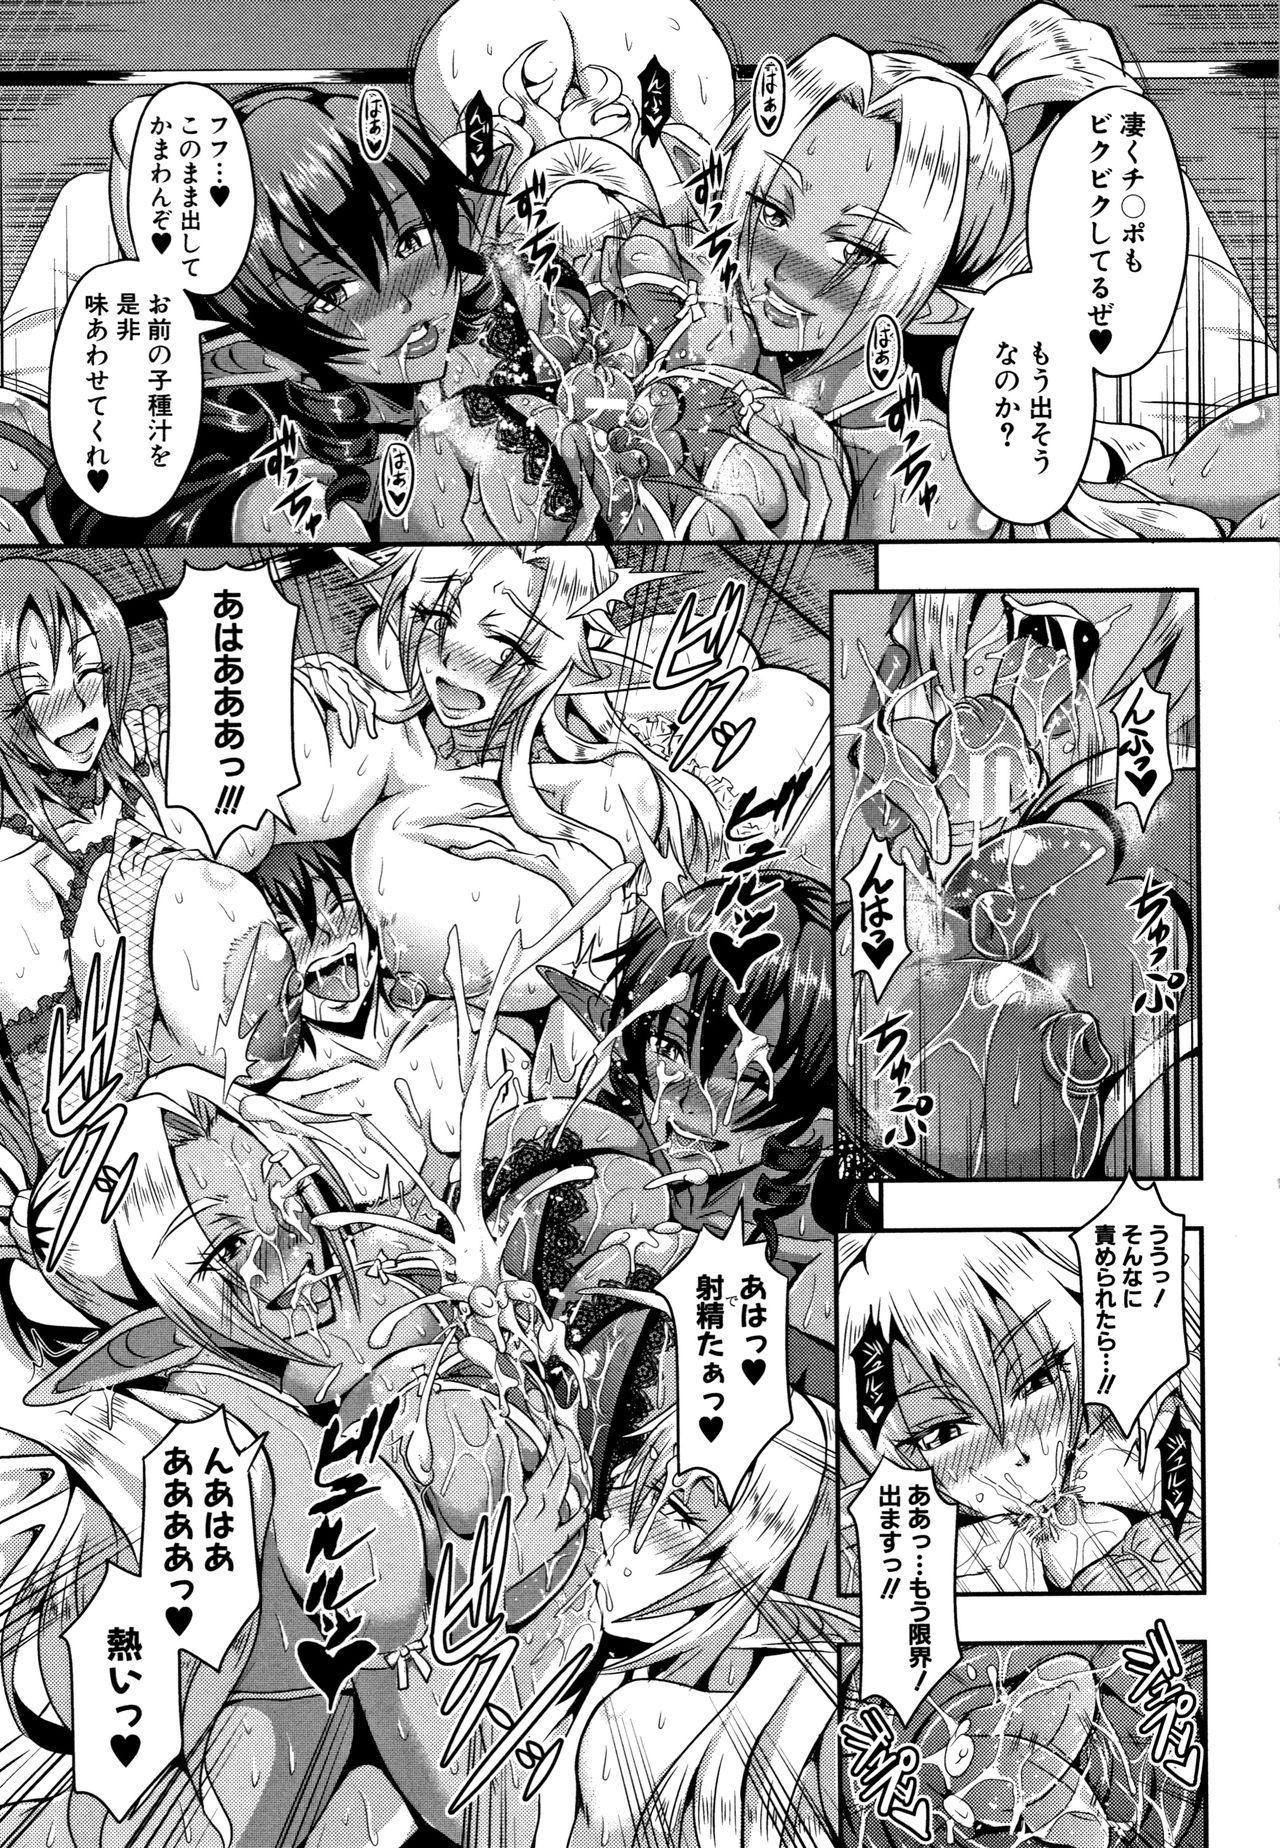 Elf Harem Monogatari - Elf Harem Story 20